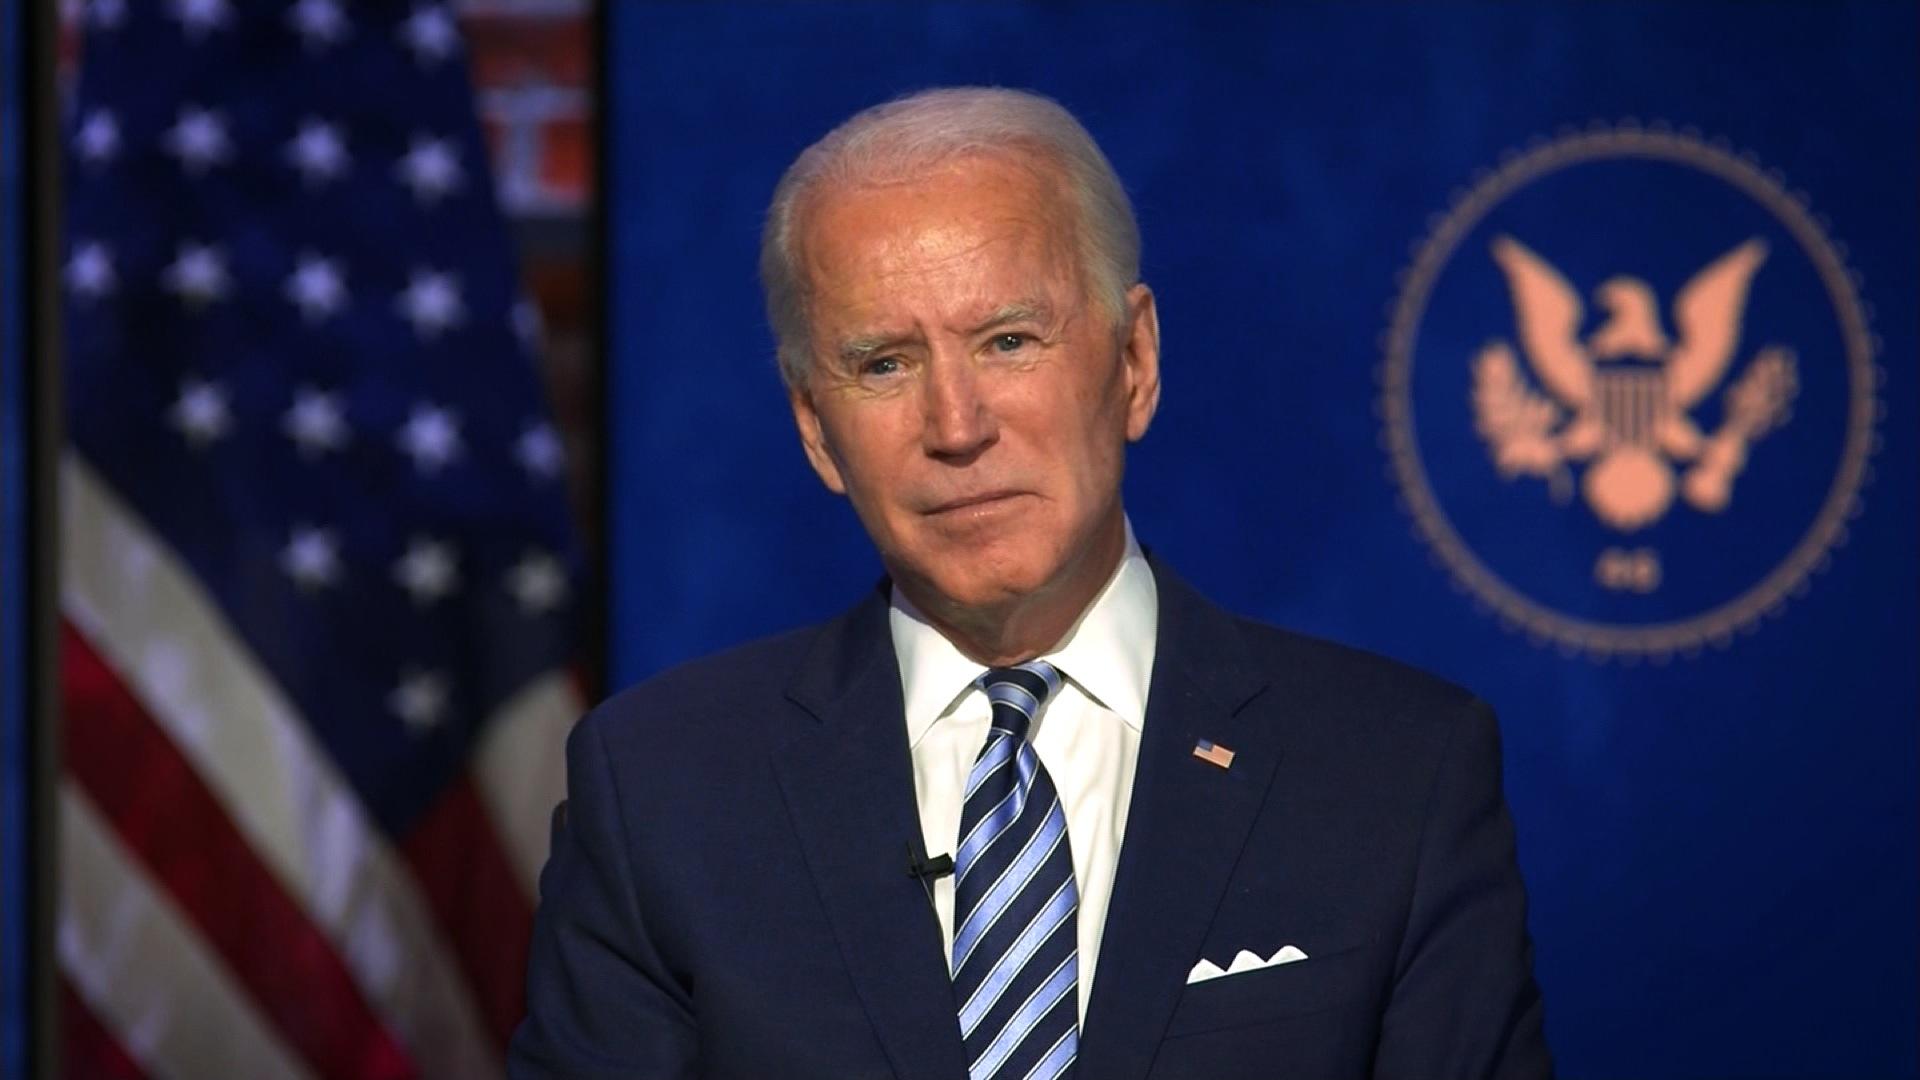 Biden weighs ambassador picks amid pressure to diversify